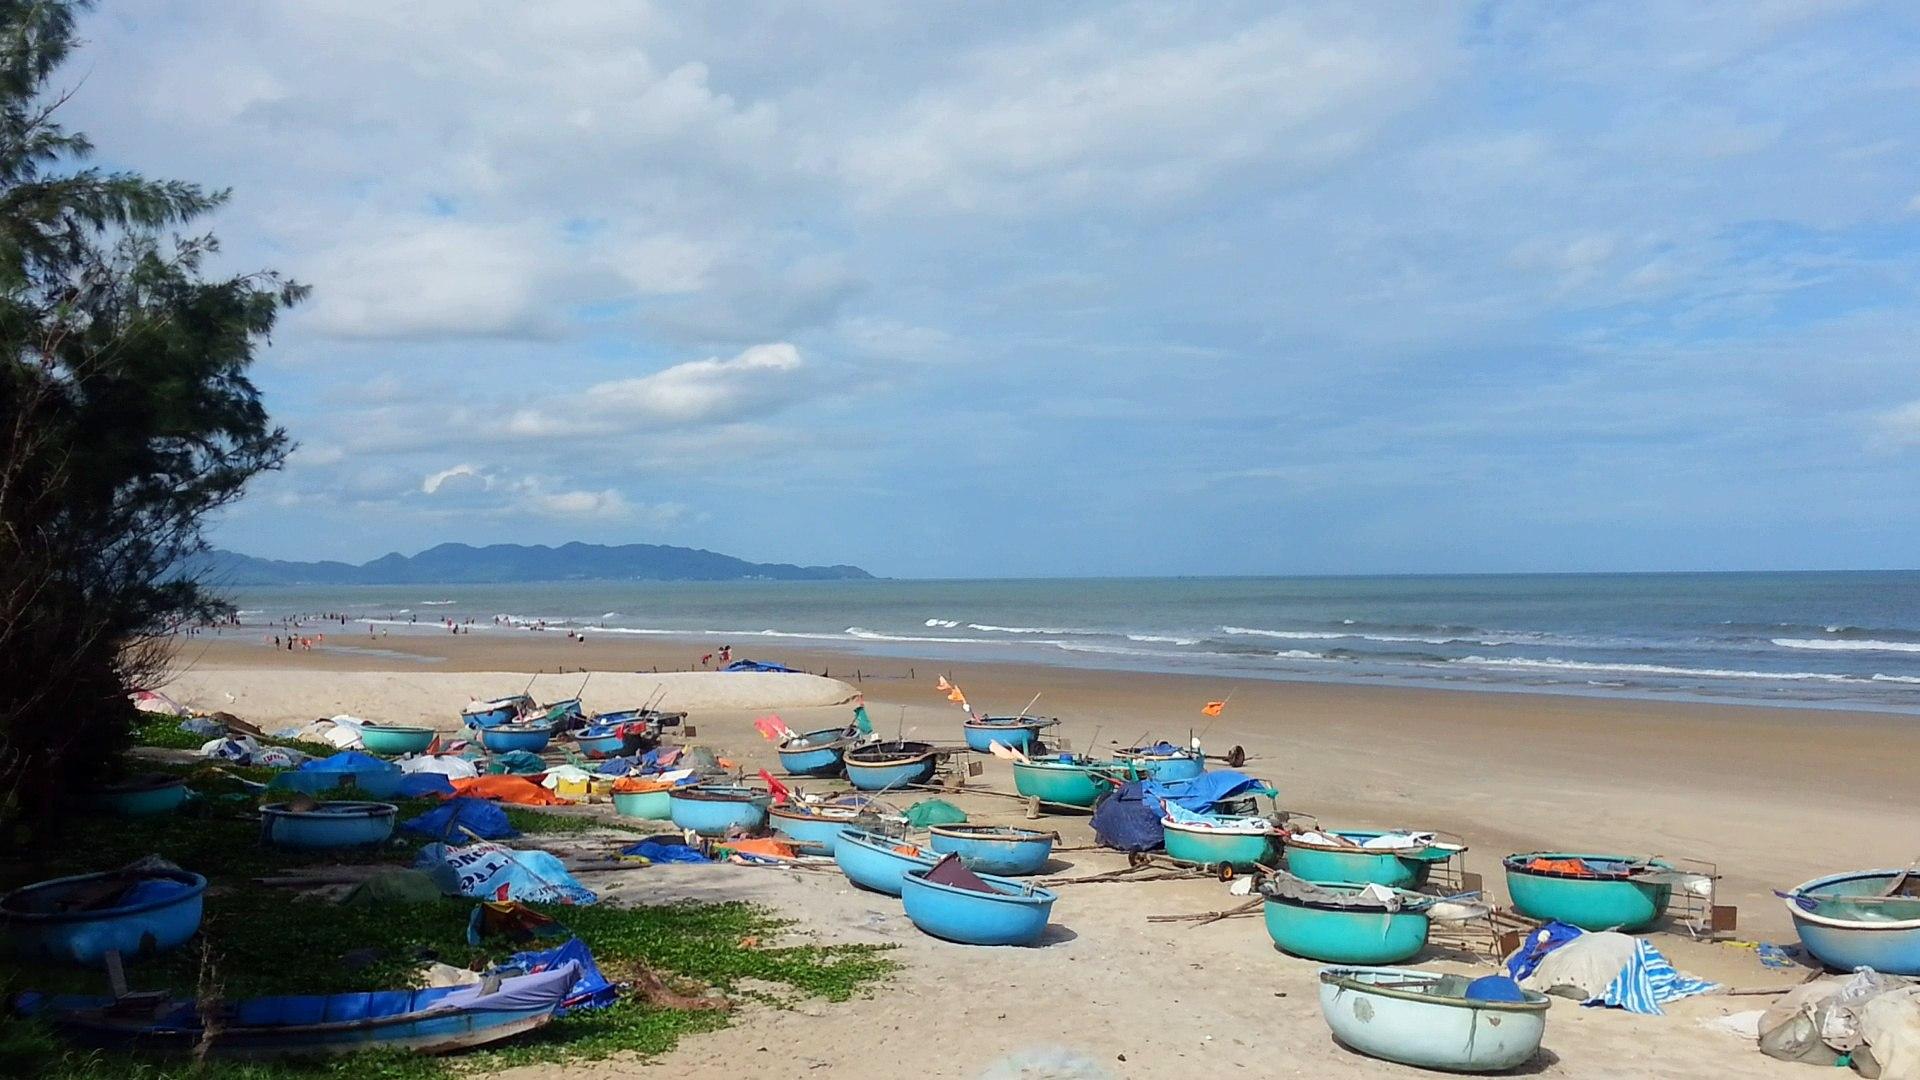 Dạo biển Long Cung Vũng Tàu, Bãi biển nên thơ và quyến rũ